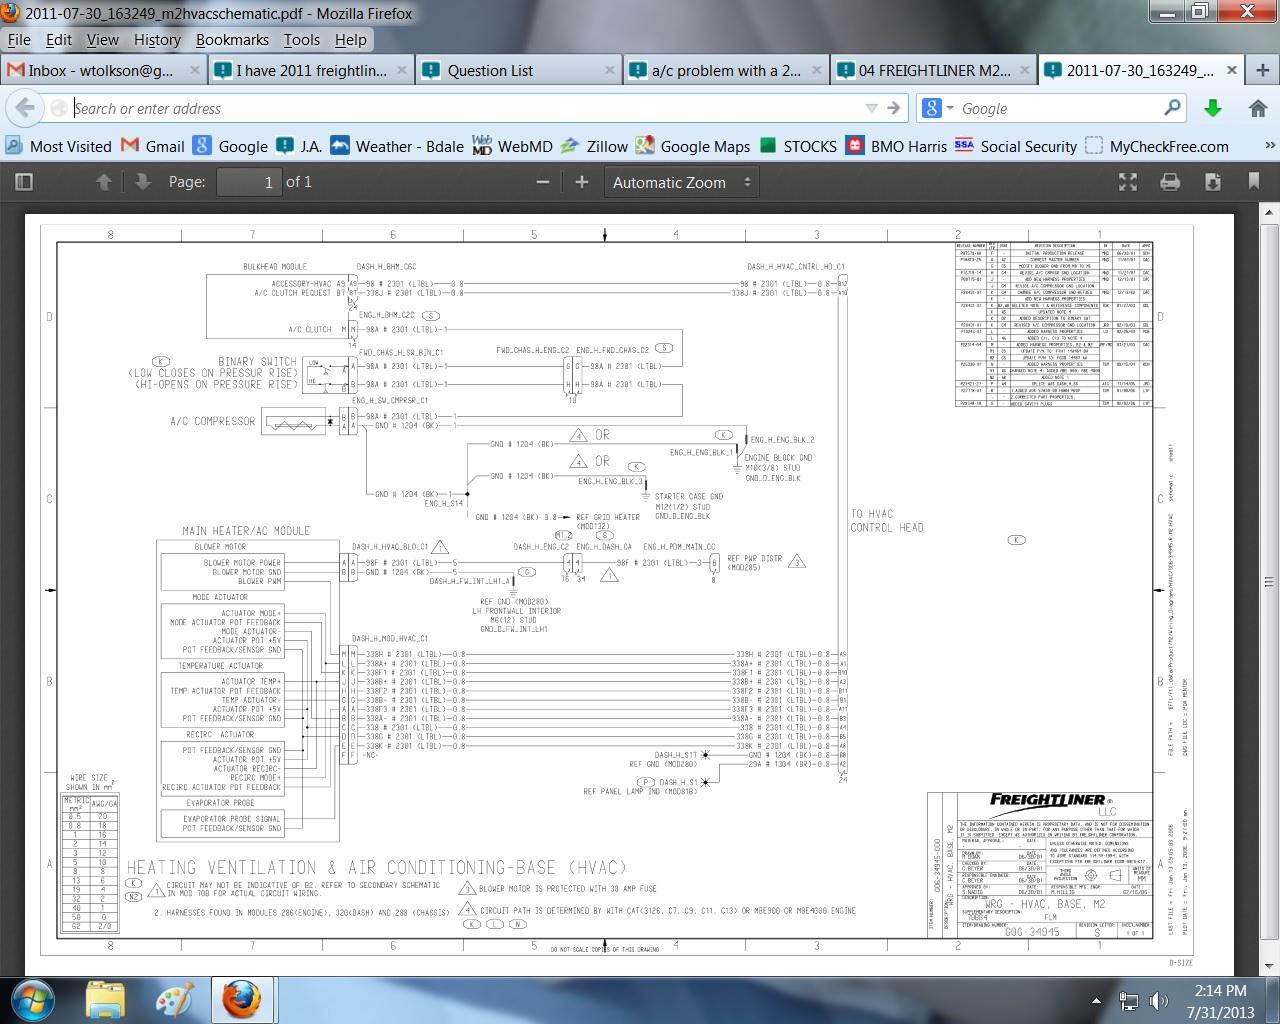 Freightliner Wiring Fuse Box Diagram Image Details Frightliner Fl80 2011 M2 Diagrams